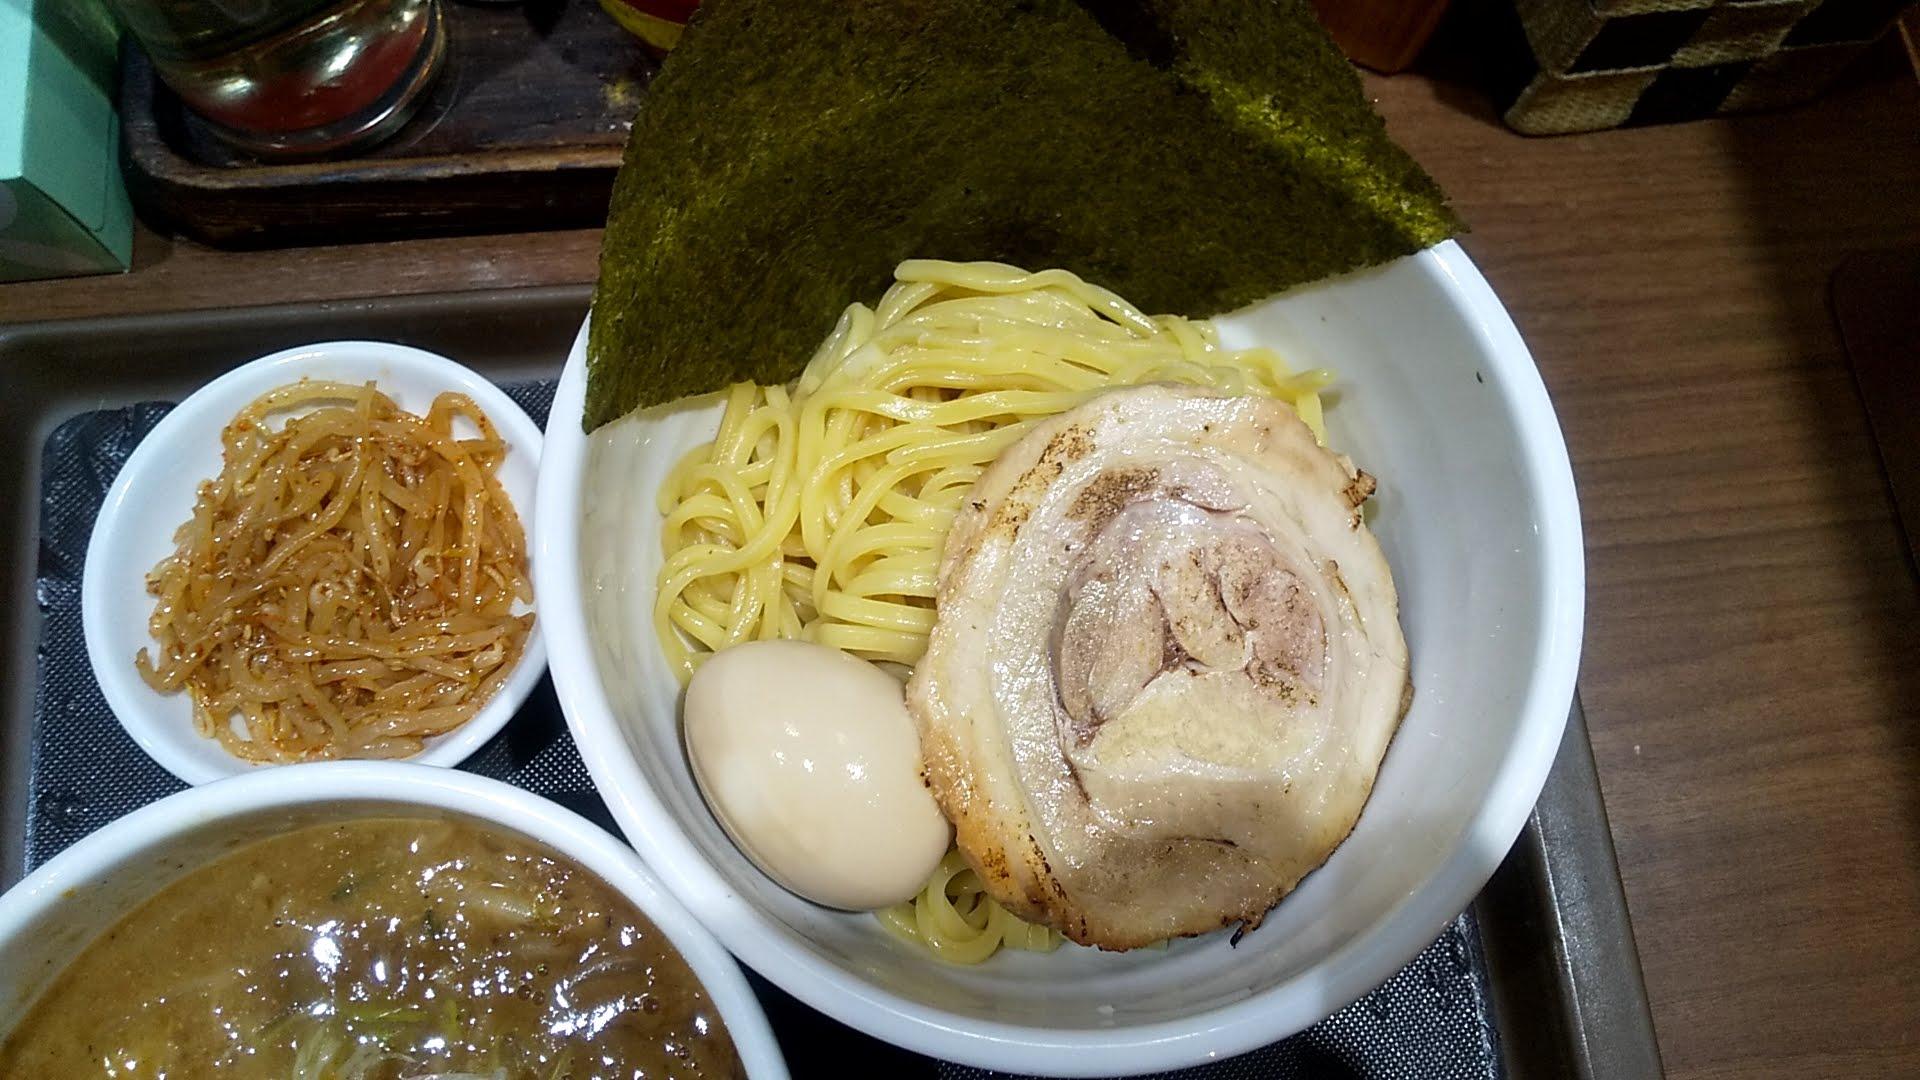 らーめん蓮の特製味噌つけめんの麺皿の写真